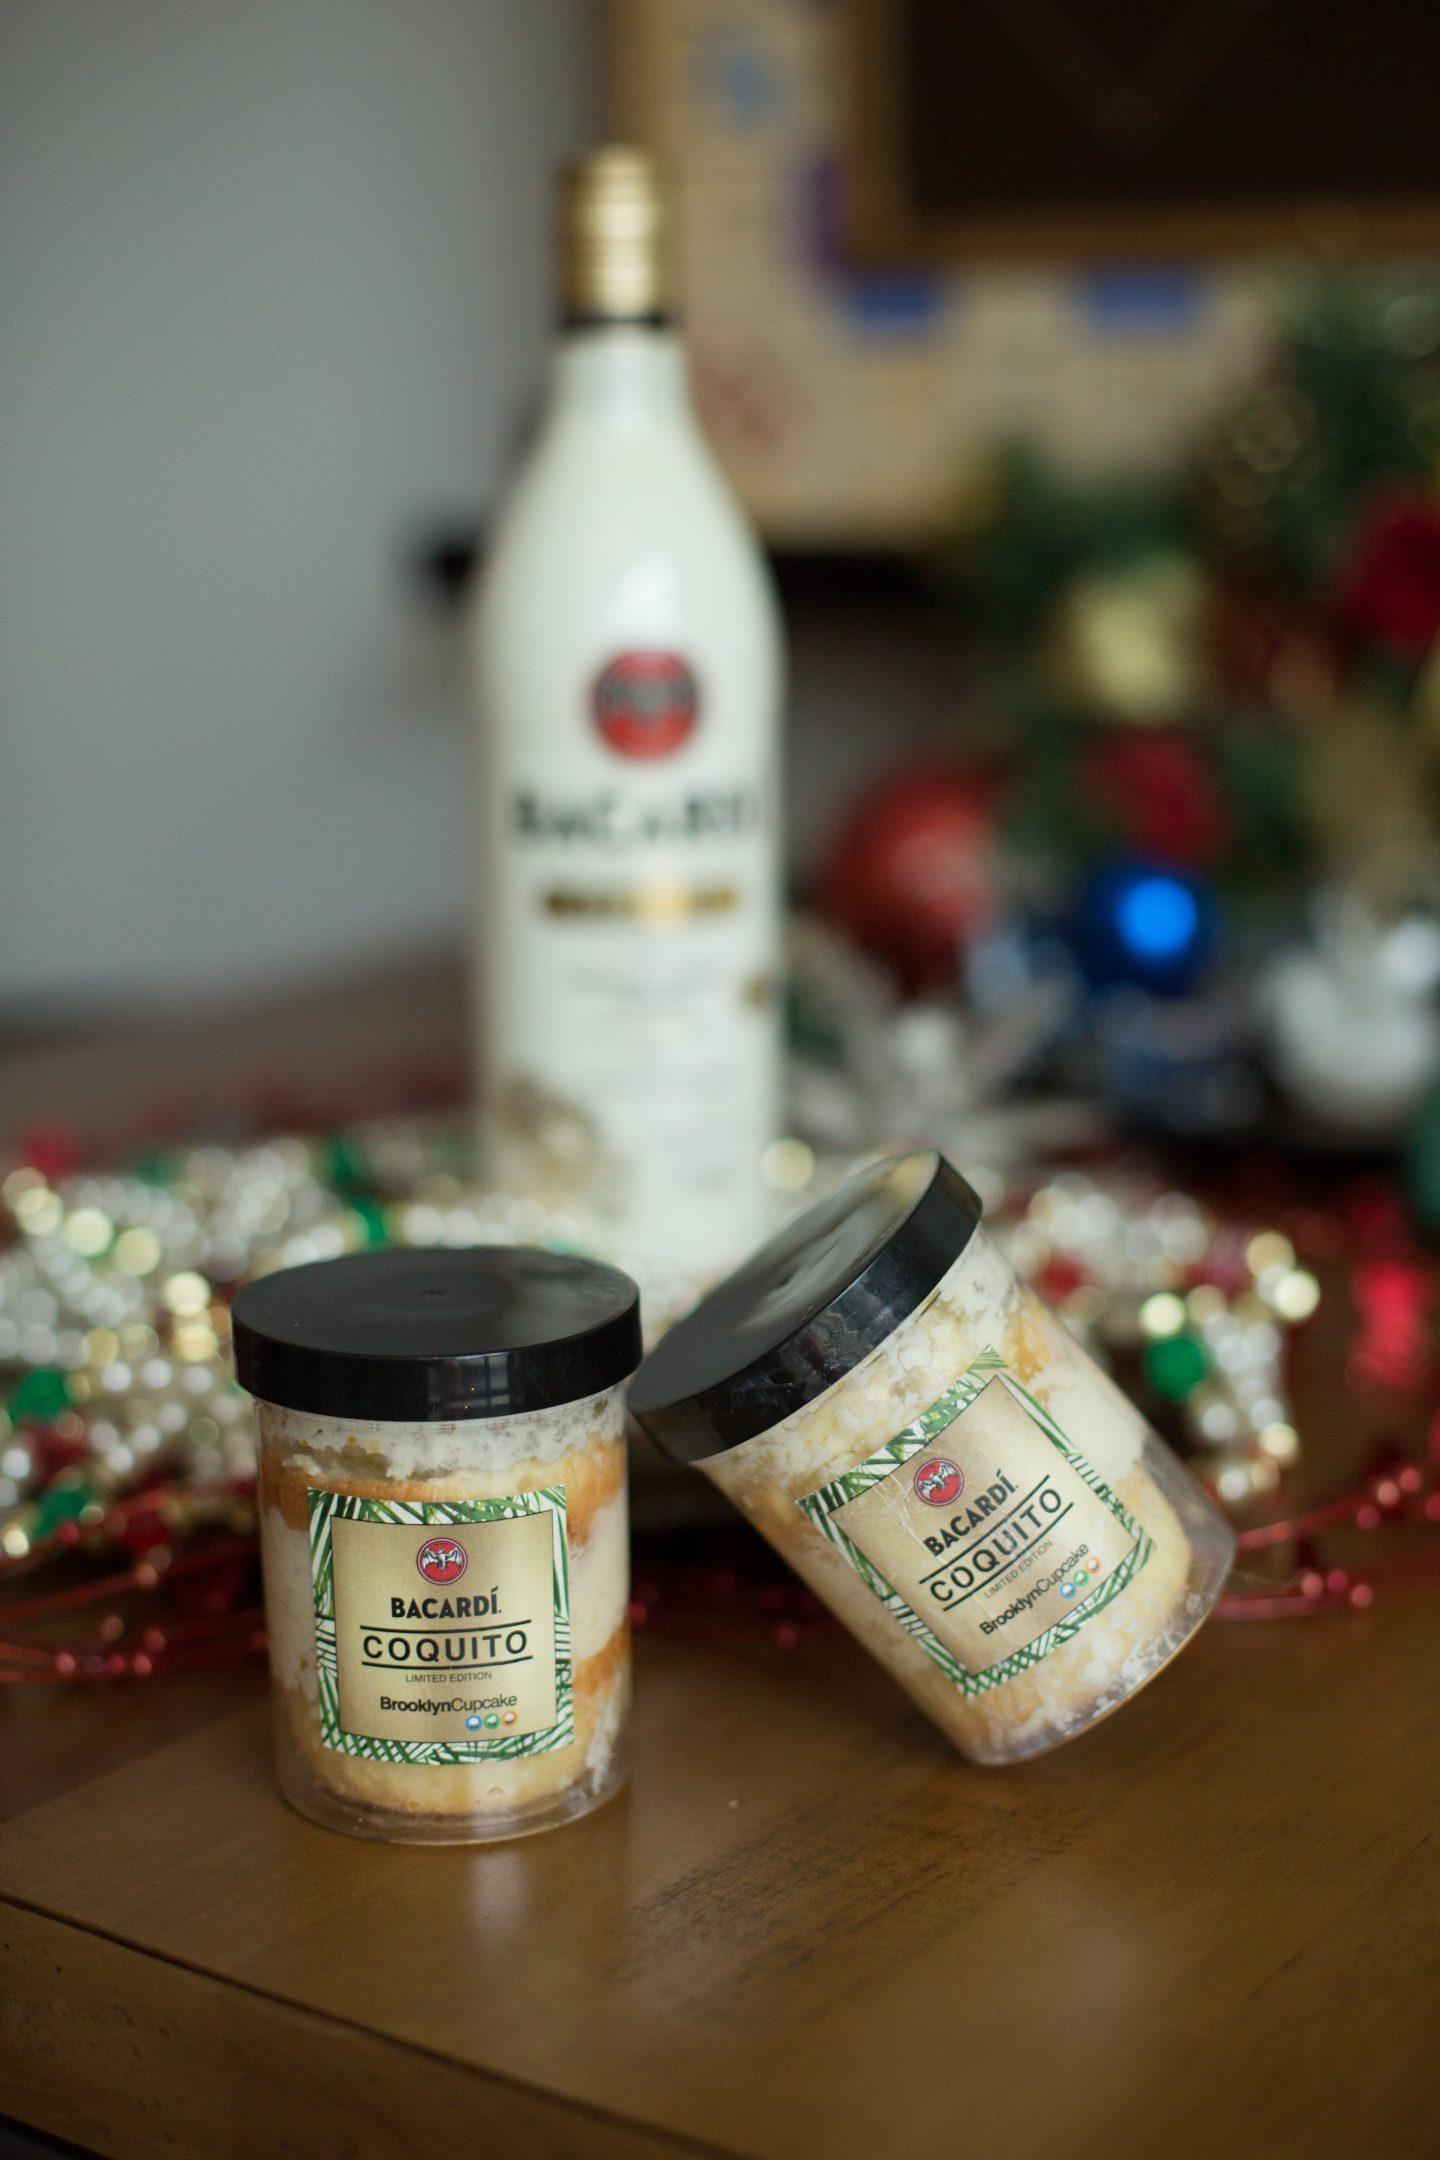 BACARDÍ Rum 's Coquito Coconut Cream Liqueur